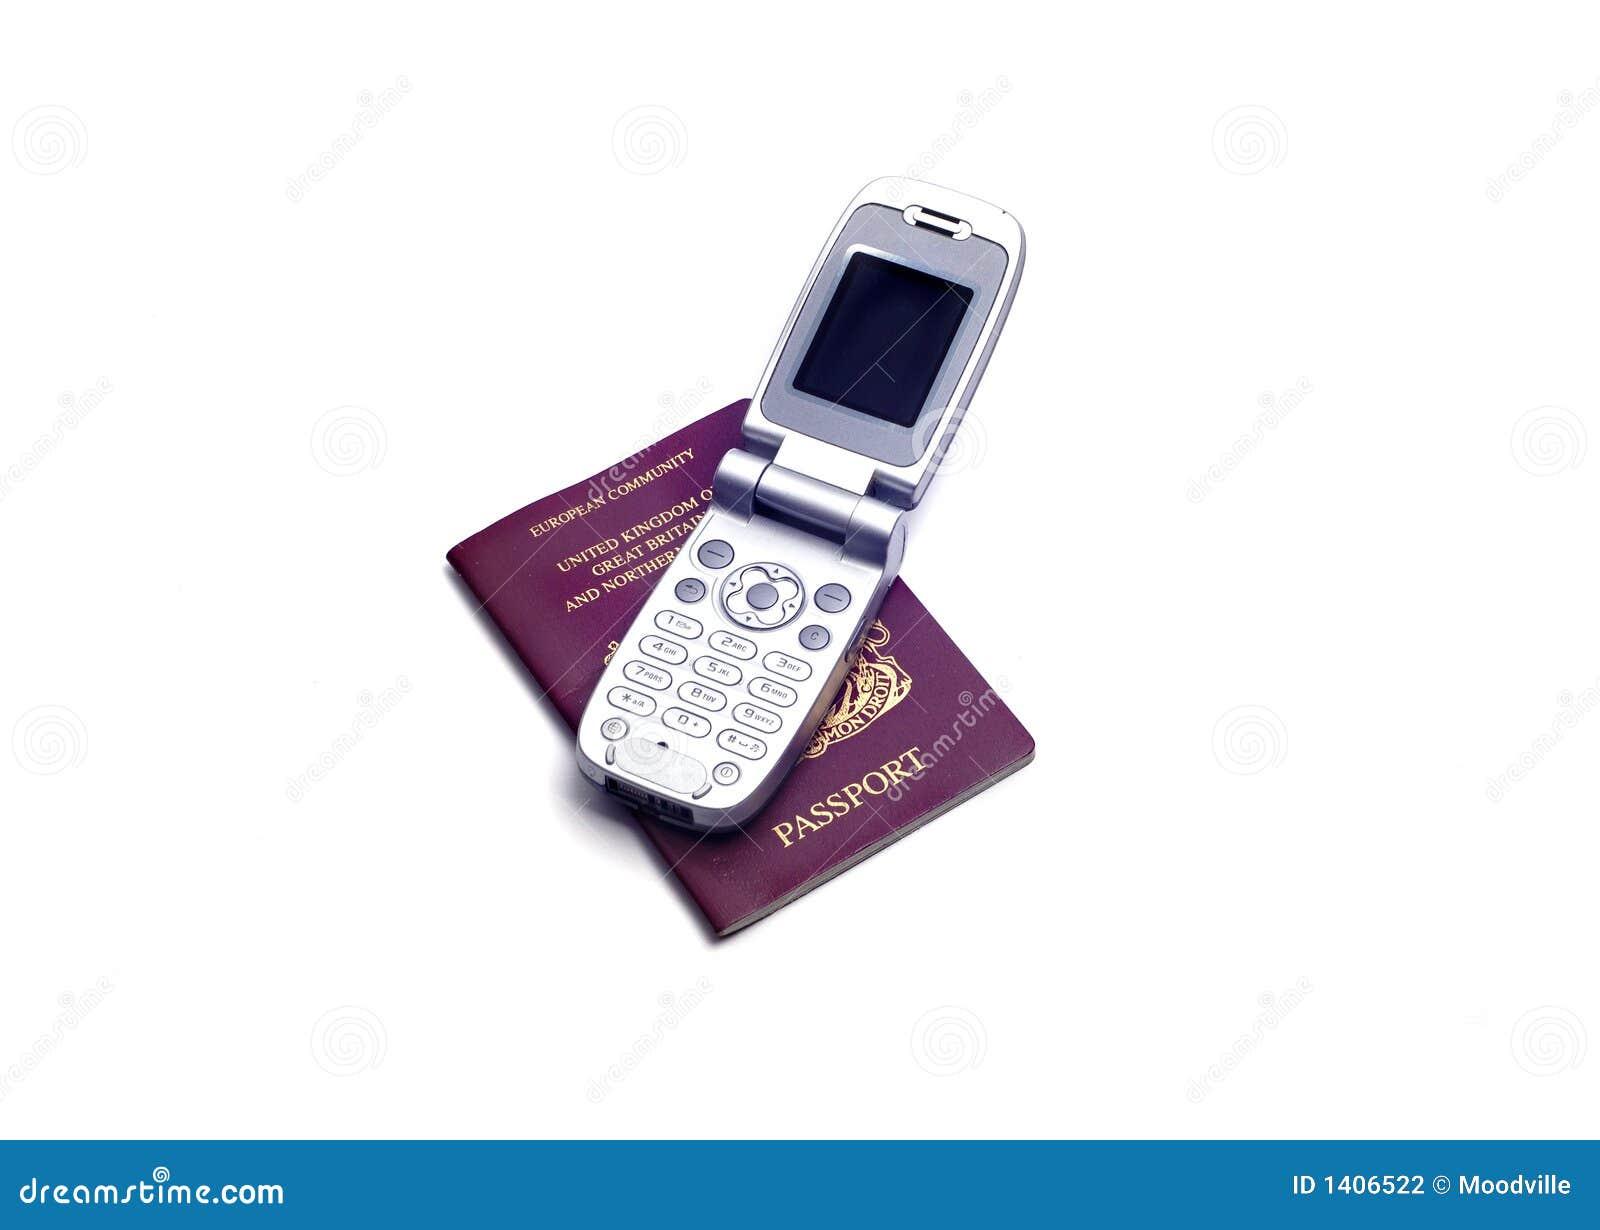 Objets - passeport et téléphone